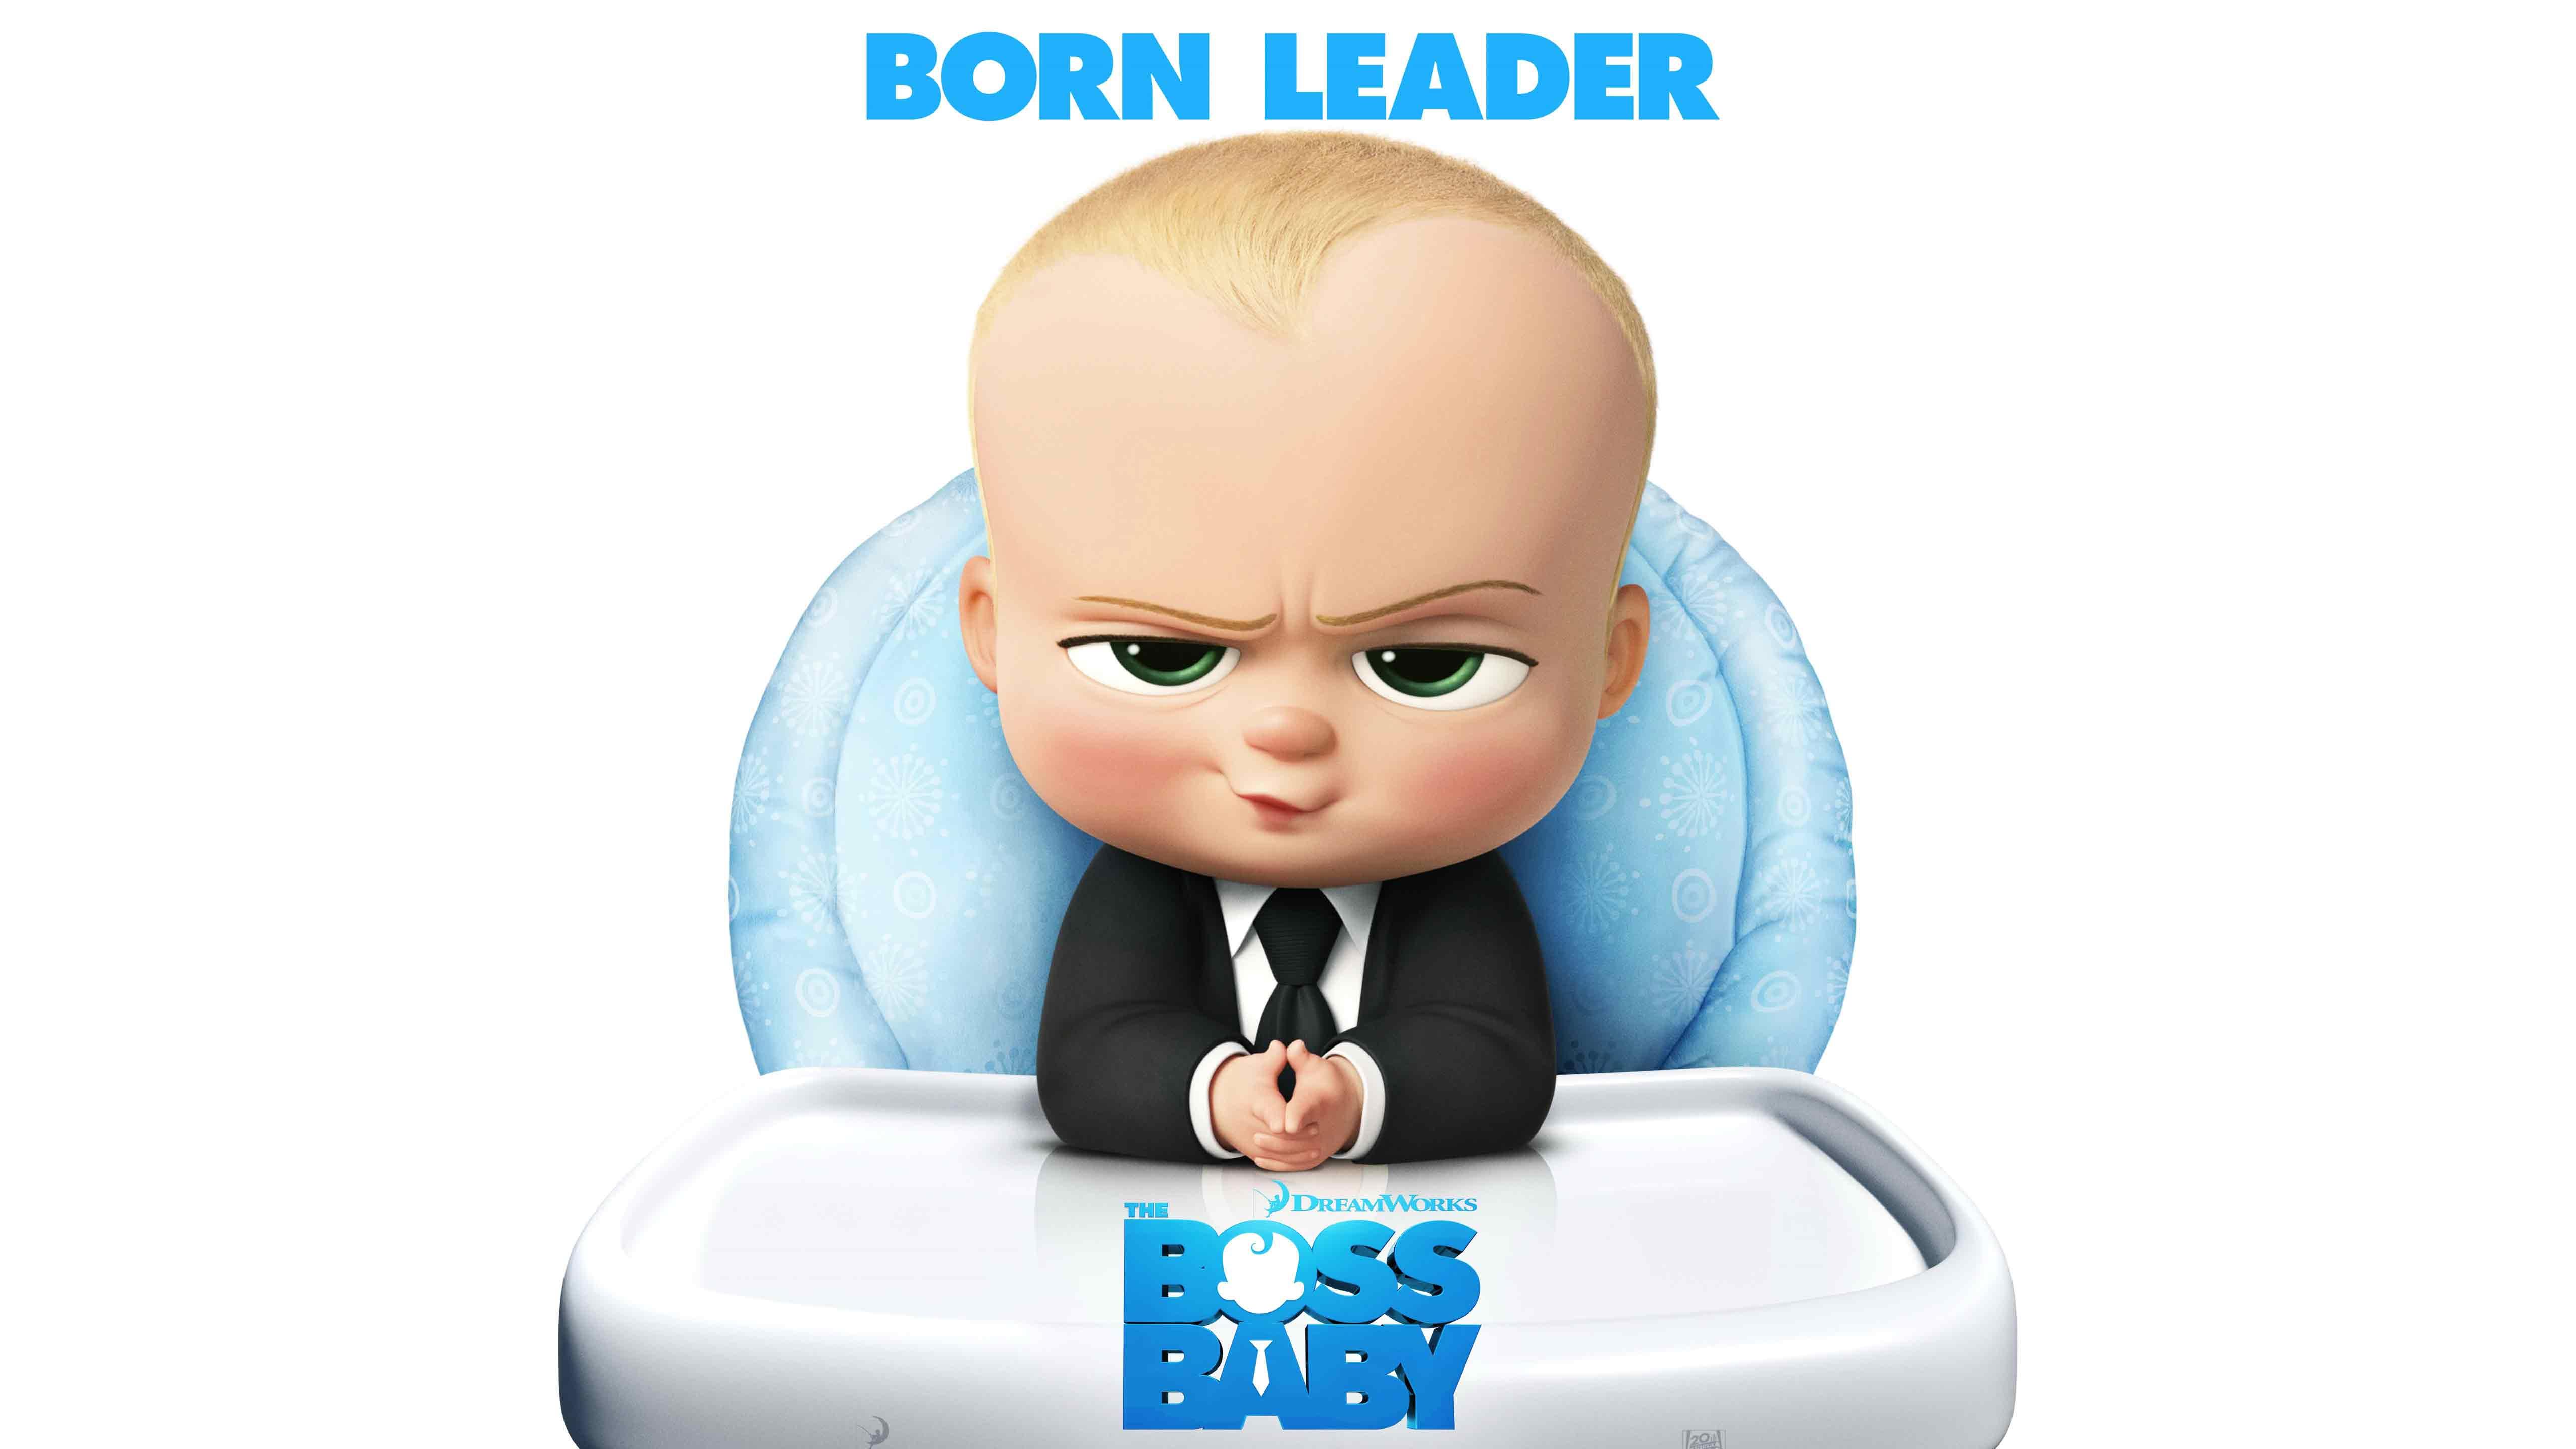 بوس بيبي - سيد الموقف، المولود الجديد | حكايا